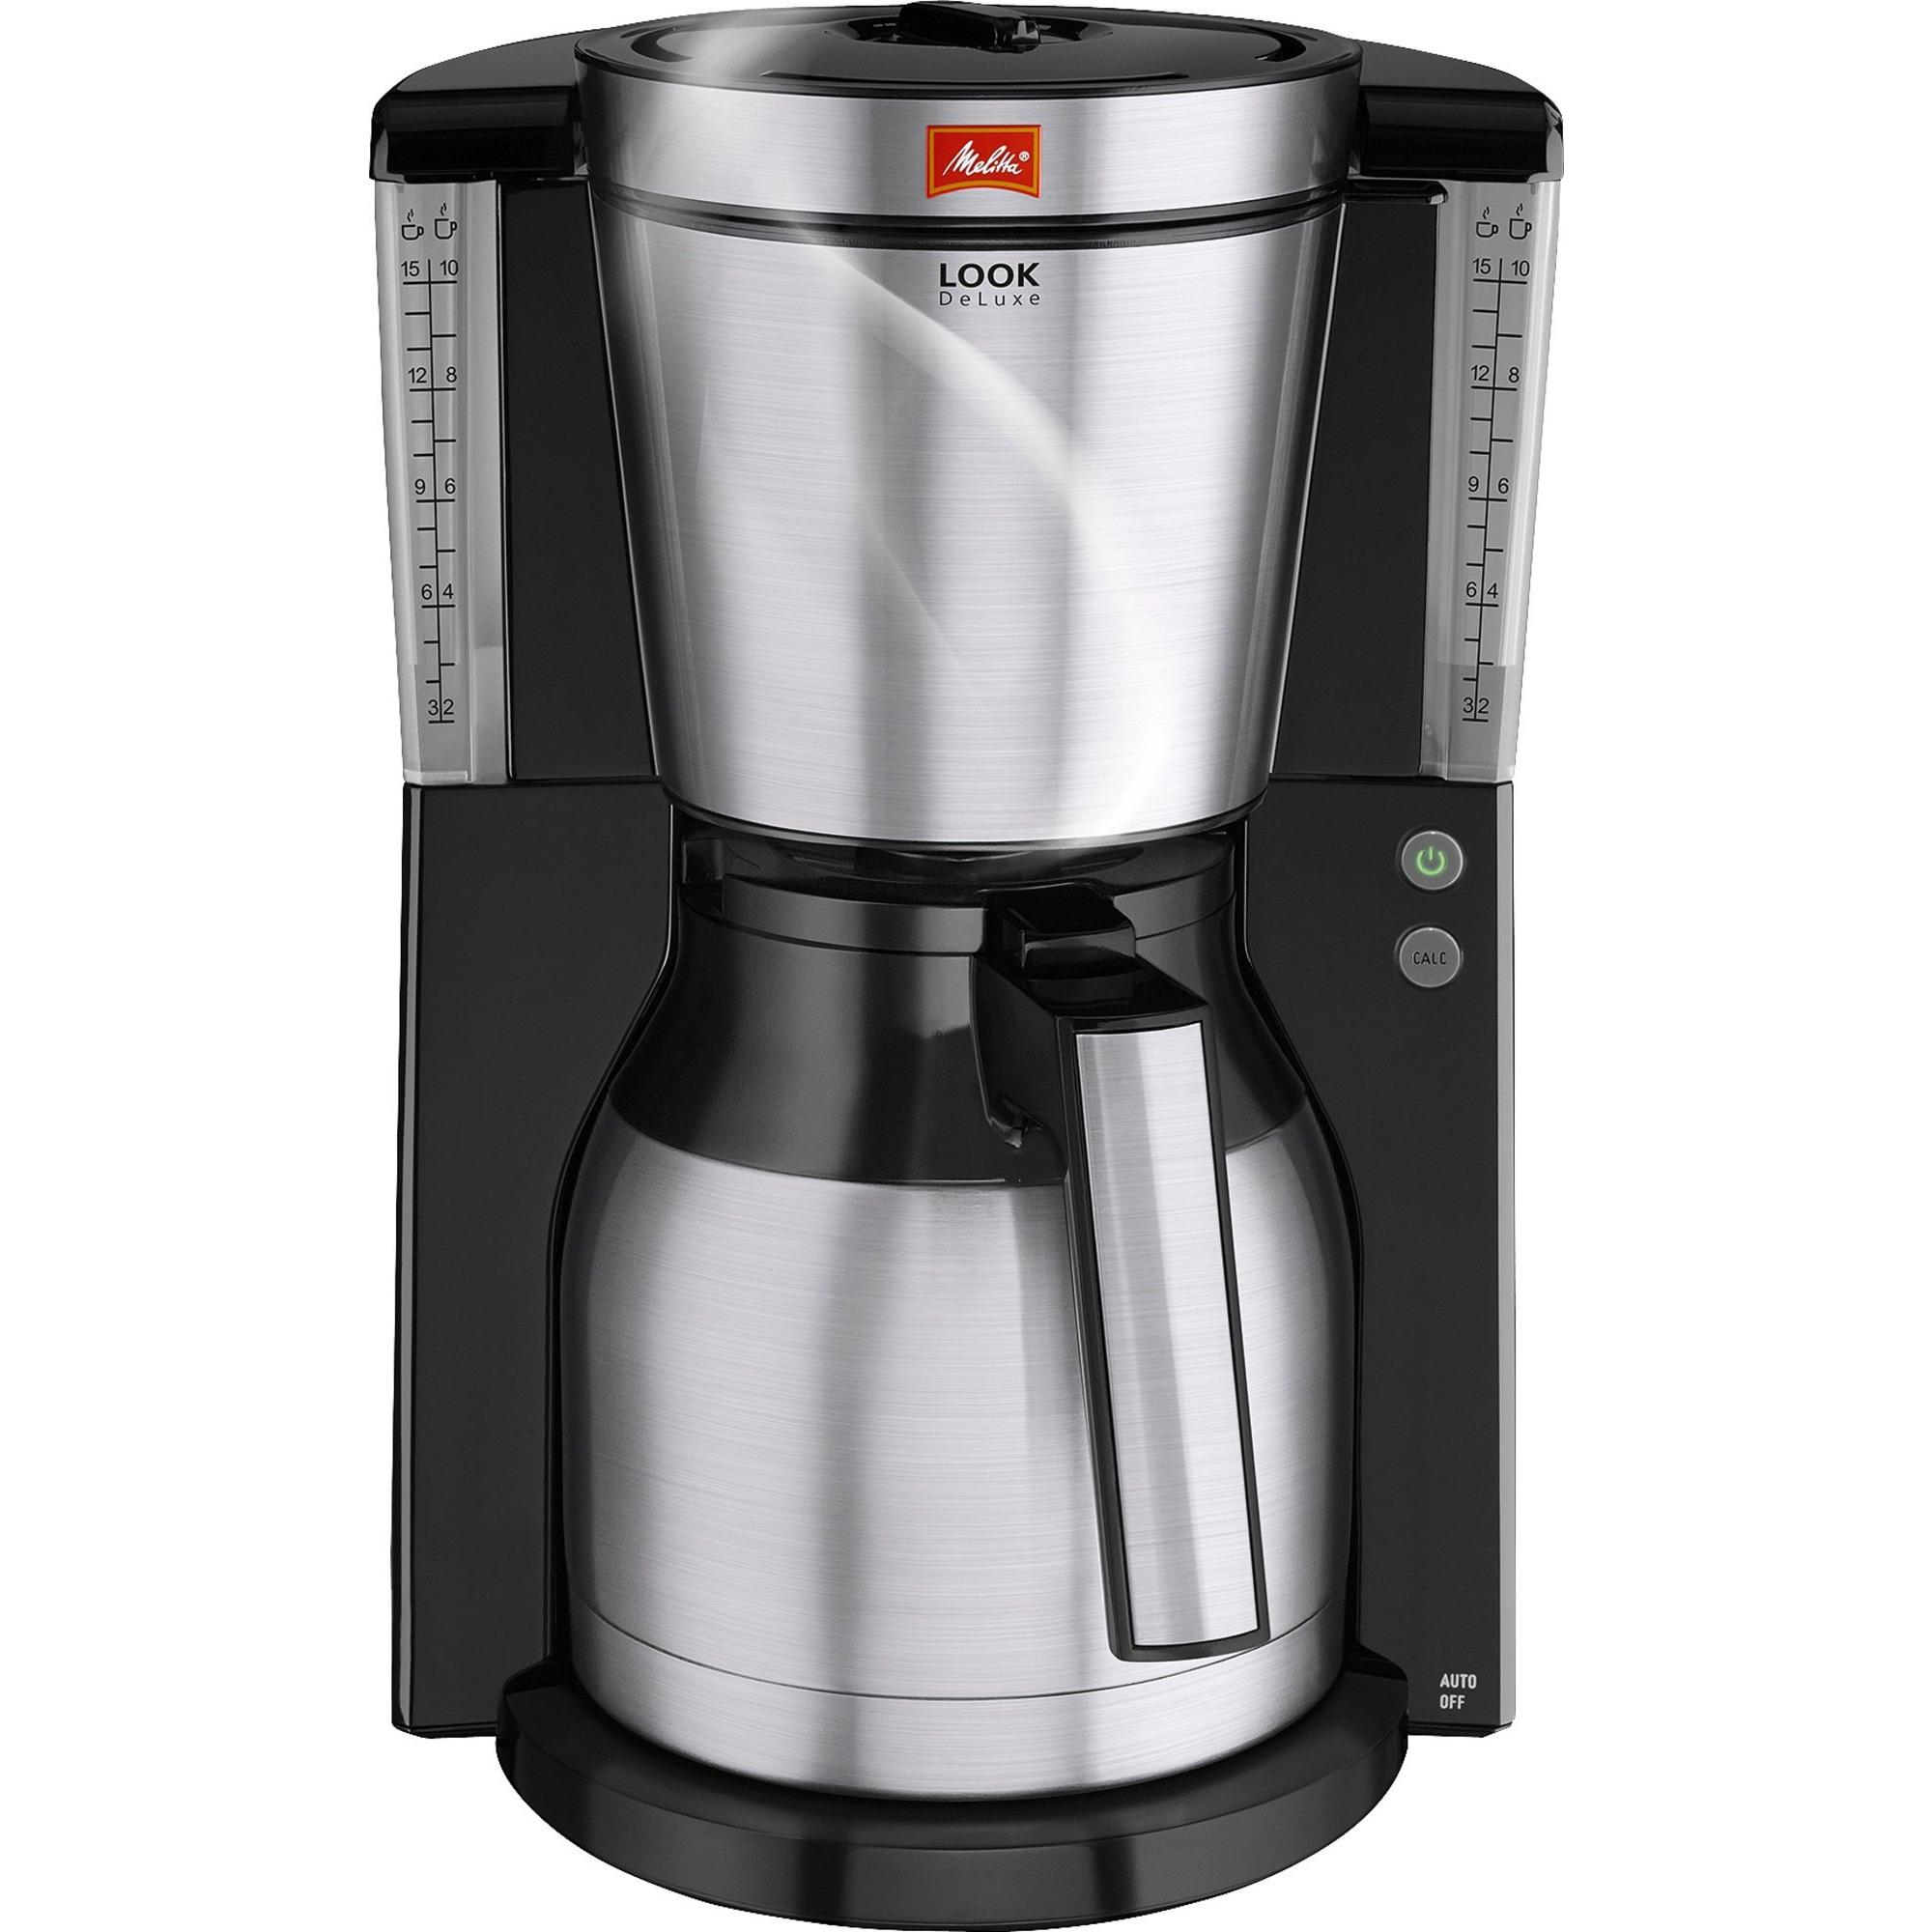 Melitta Look Deluxe Therm Kaffemaskin Svart